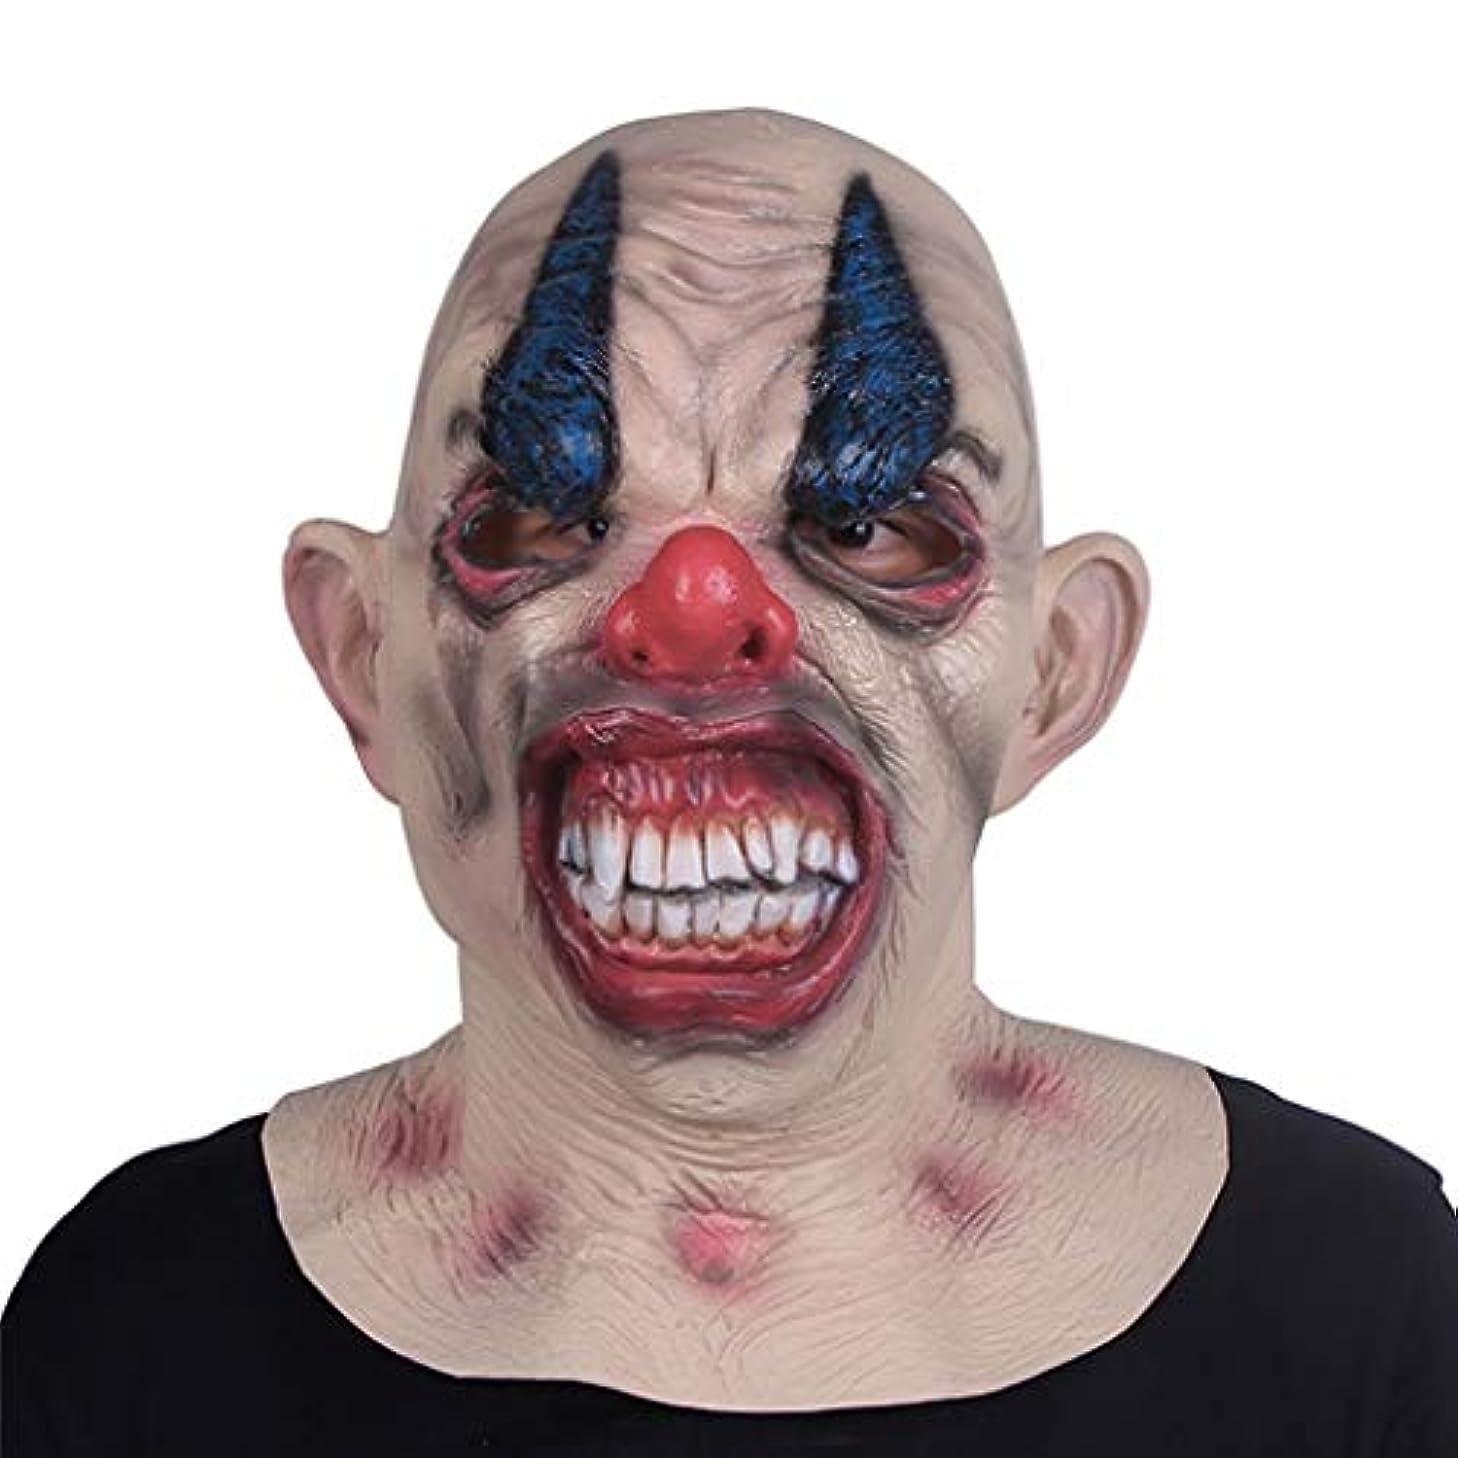 抱擁侵入酔うハロウィンホラーマスク成人男性フルフェイス怖いラテックスヘッドセットハロウィン東京グールマスクゴーストフェイスデビル (Color : B)